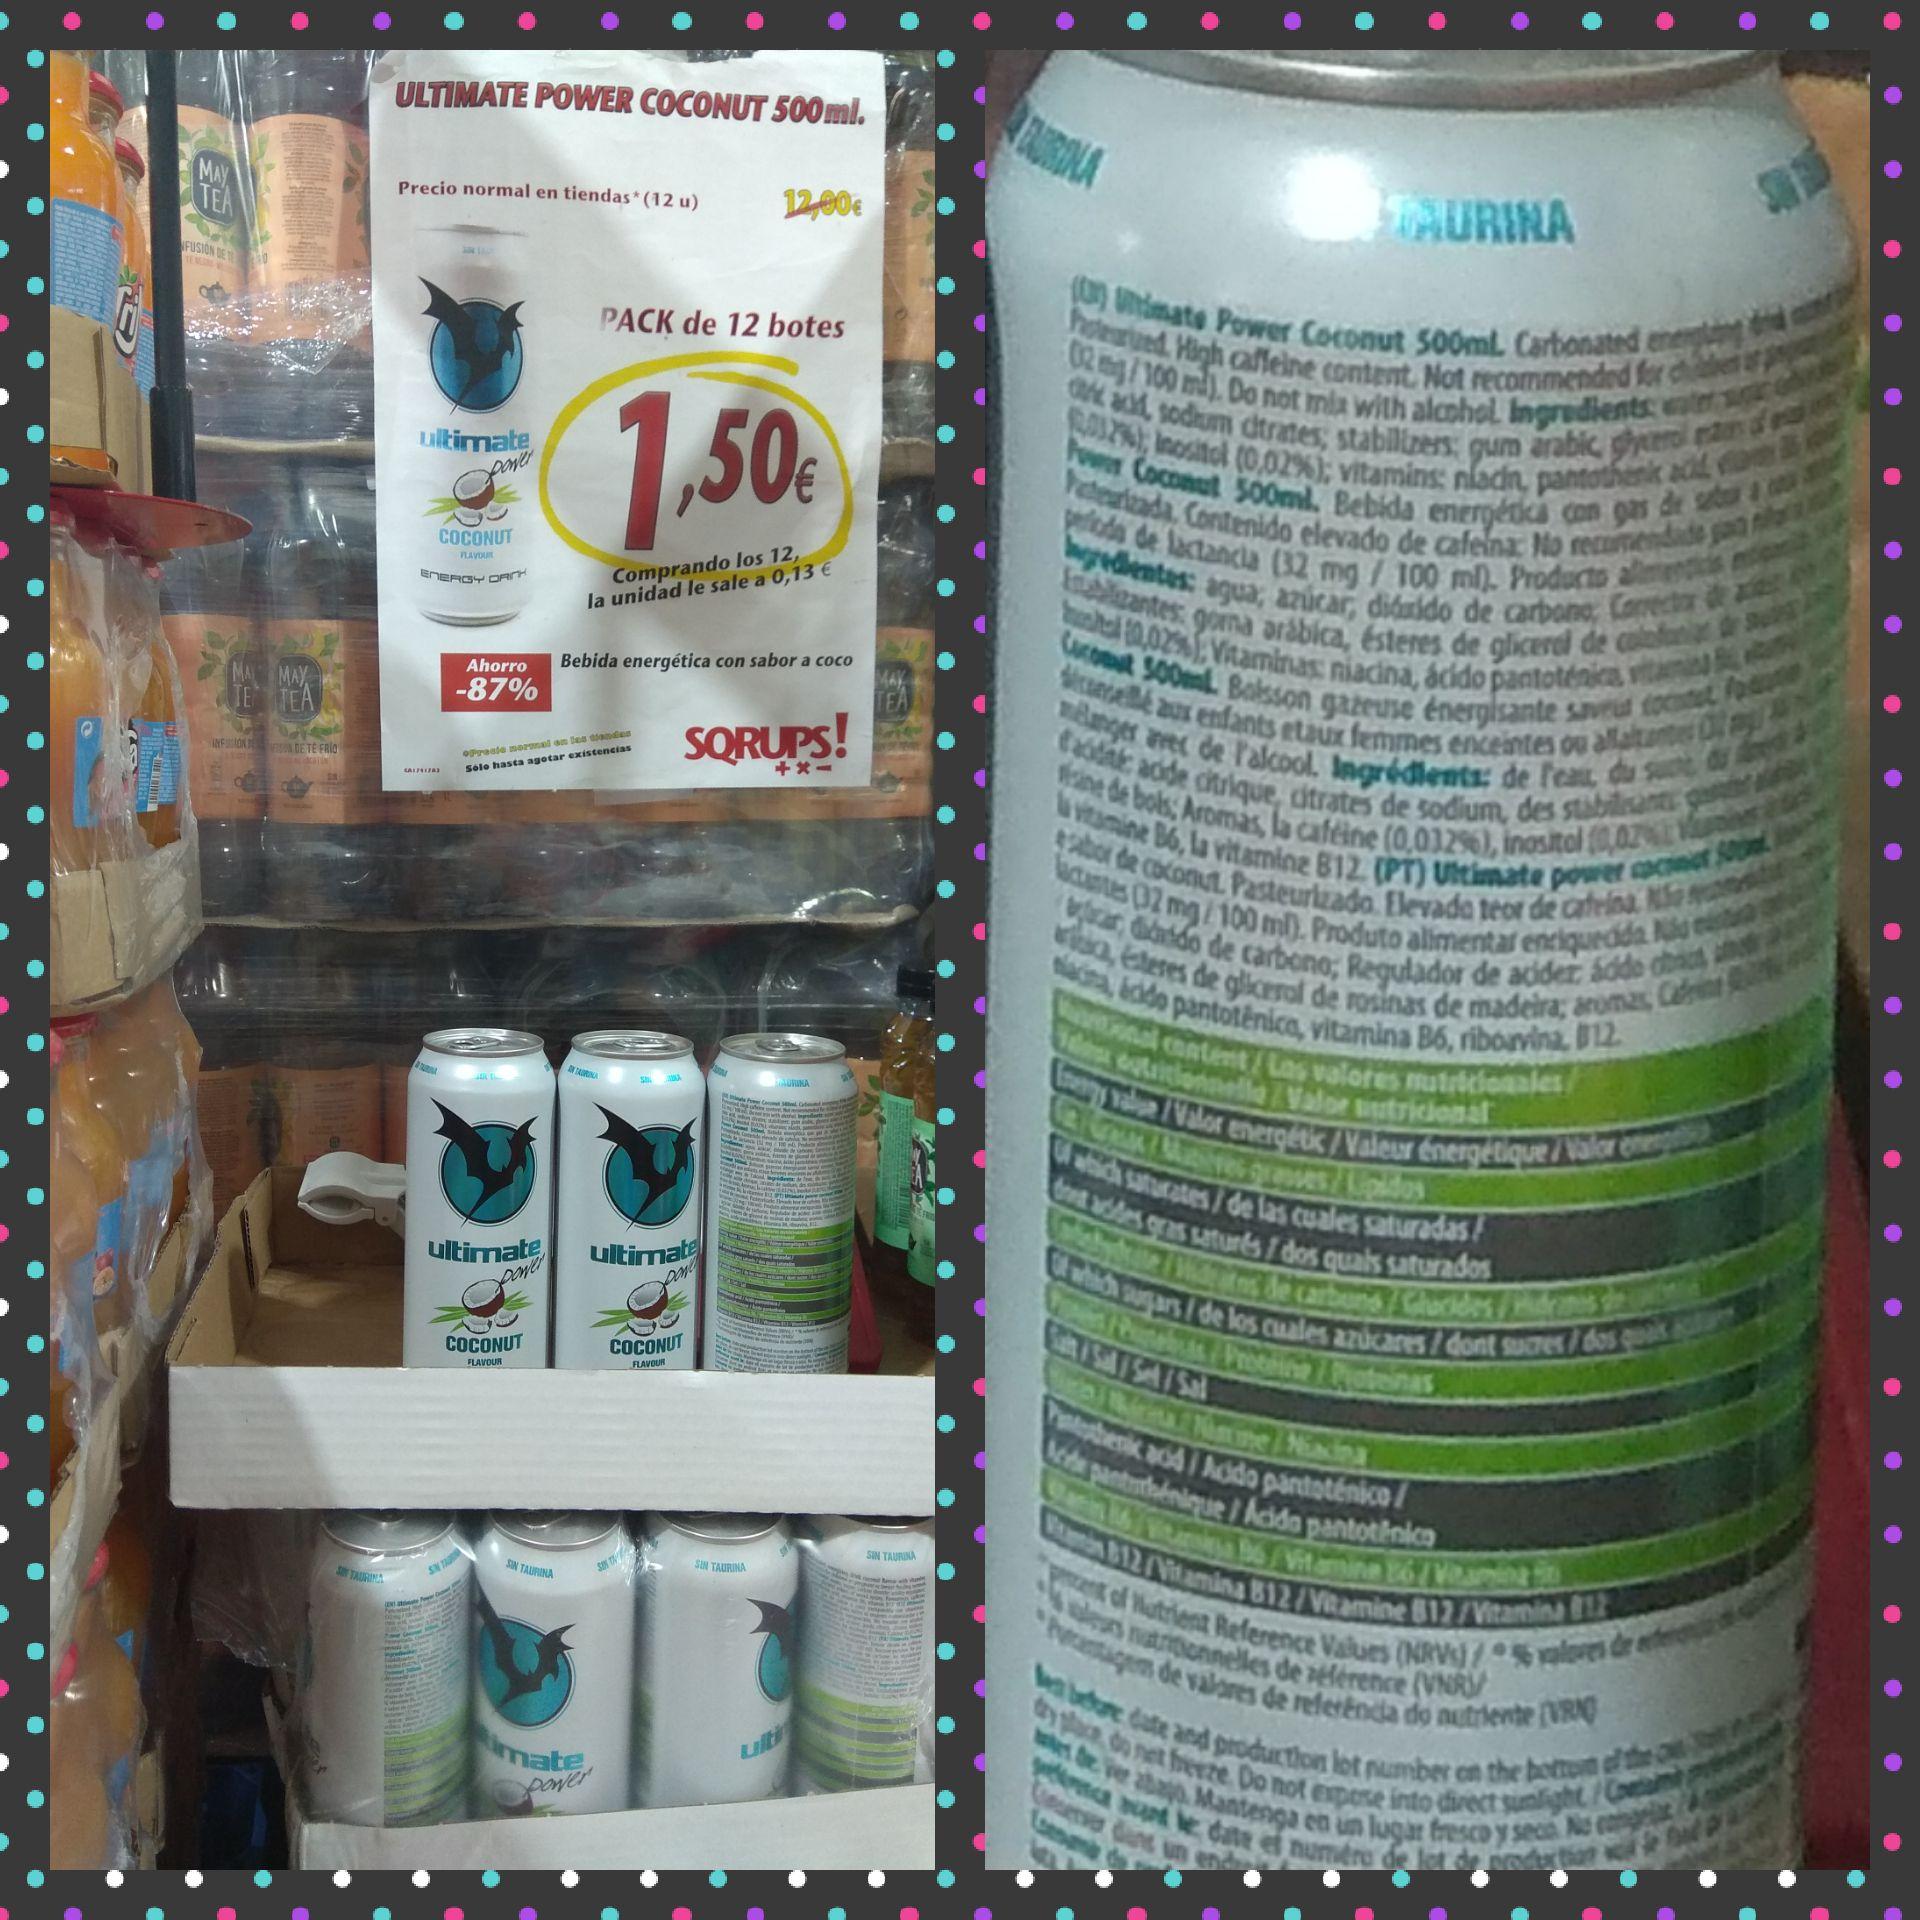 Bebida energética de coco 0'13€ unidad de 500 ml en Sqrups del Ensanche de Vallecas ( Madrid)